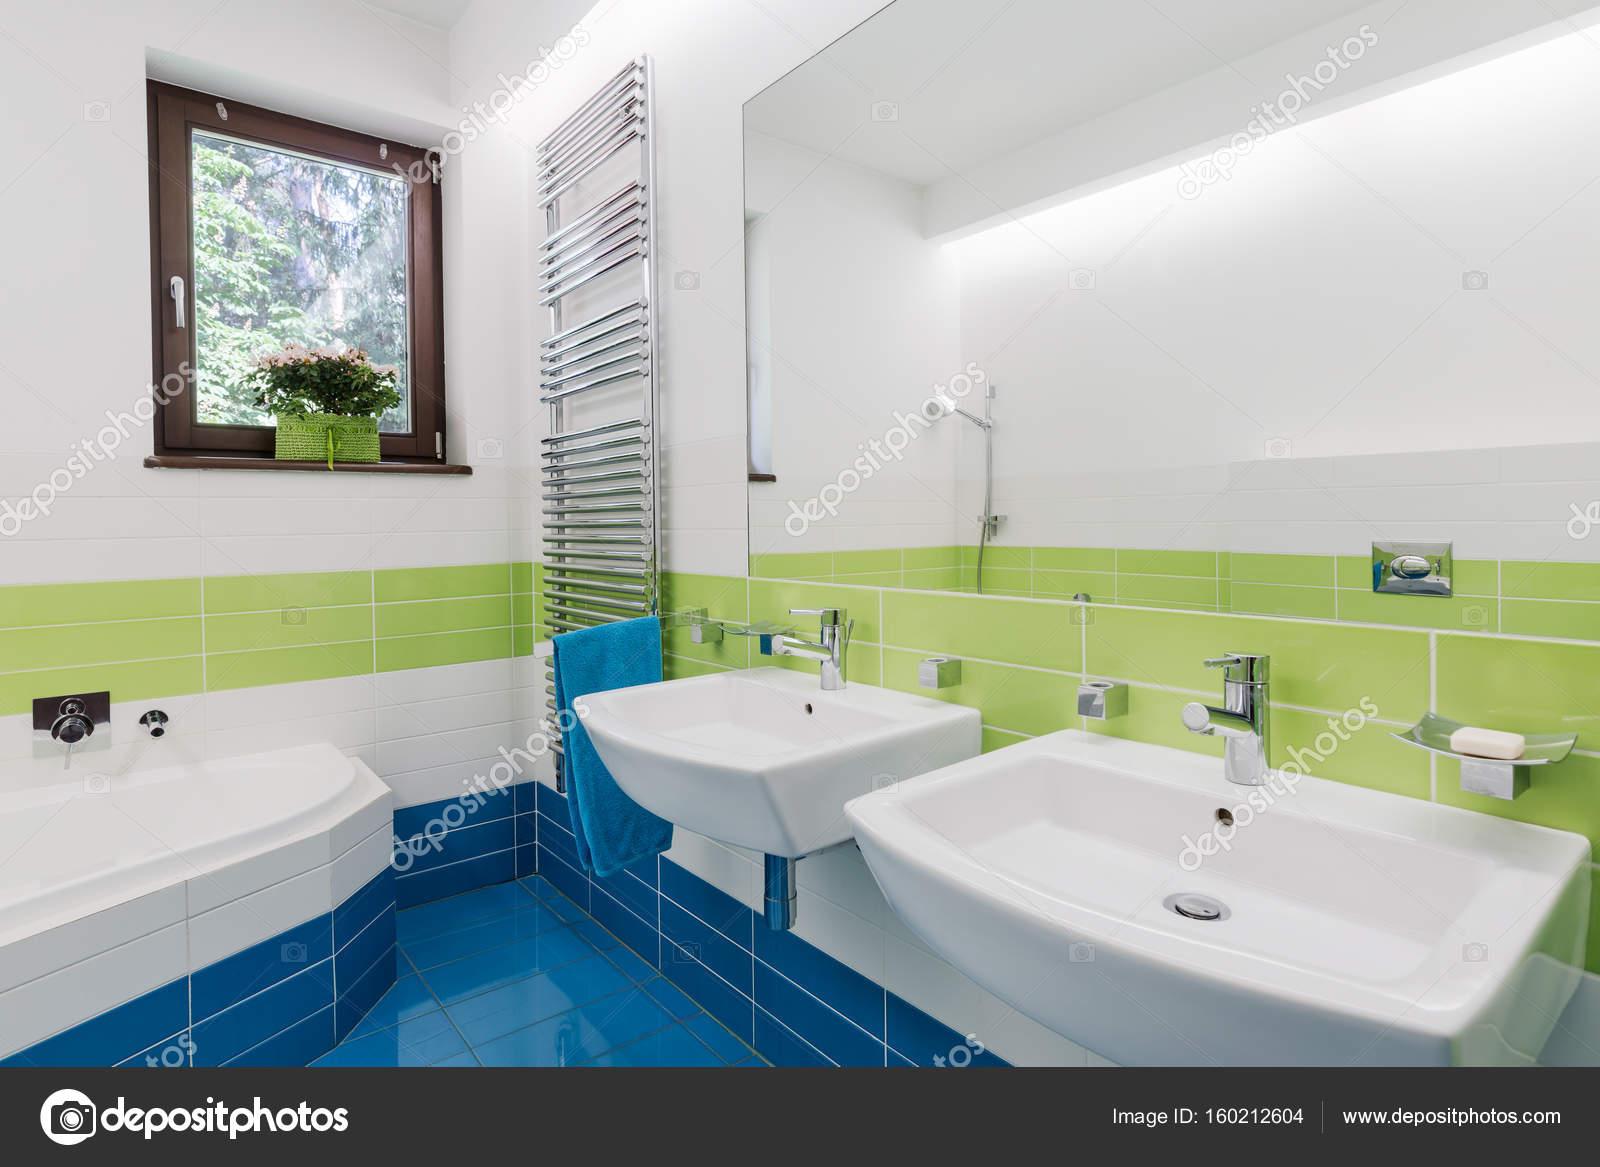 Kolorowa łazienka Z Dwoma Umywalkami Zdjęcie Stockowe